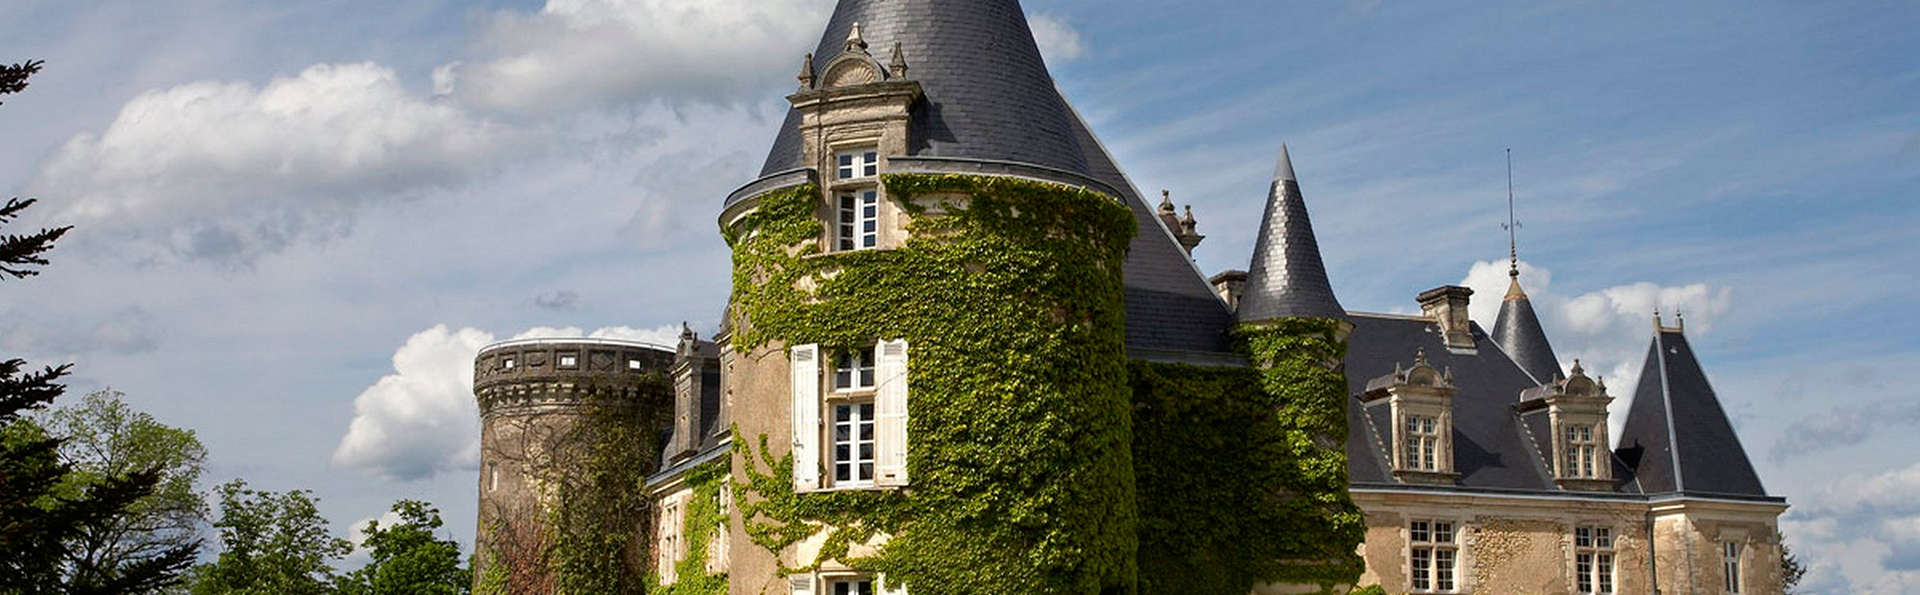 Week-end dans un authentique château du XVème siècle au coeur du Périgord Vert